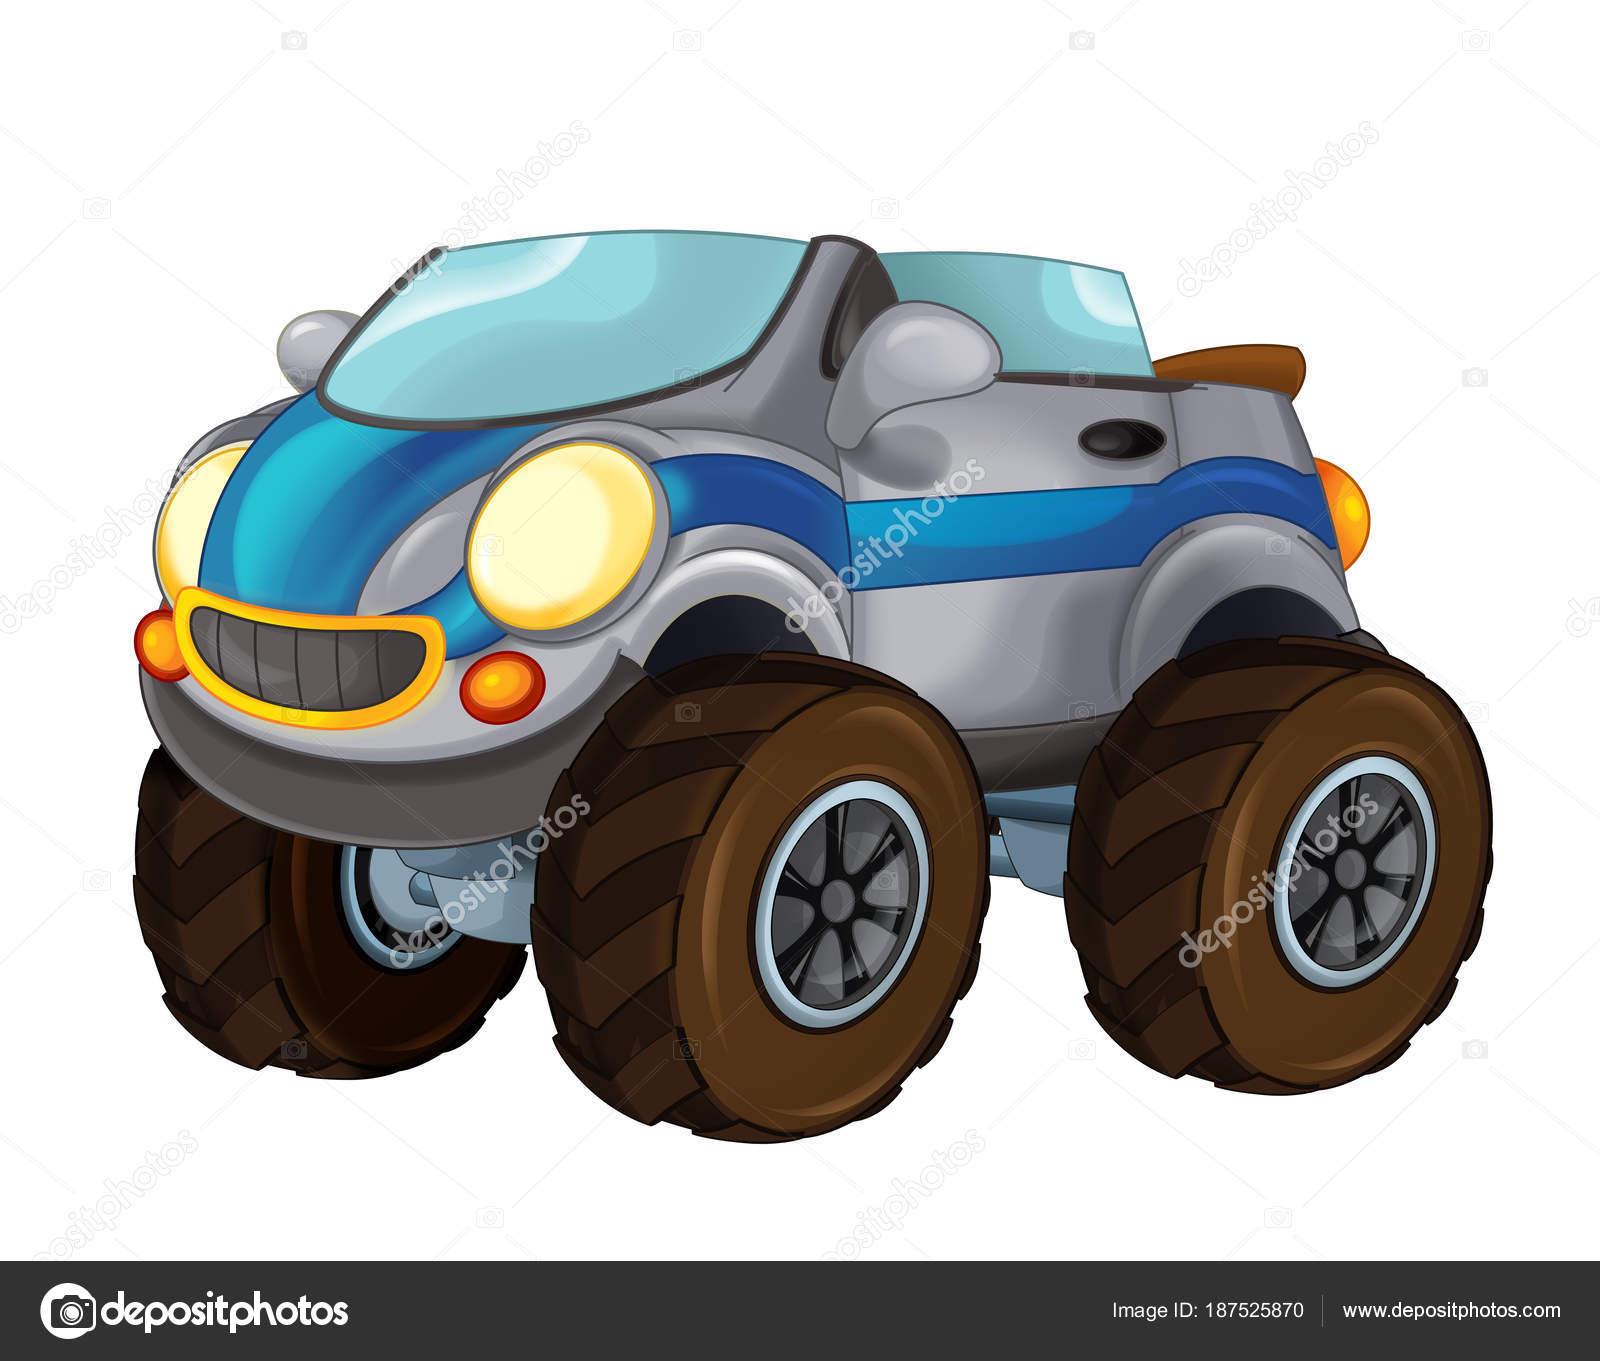 Dessin Animé Rapide Hors Route Voiture Ressemblant Monster Truck